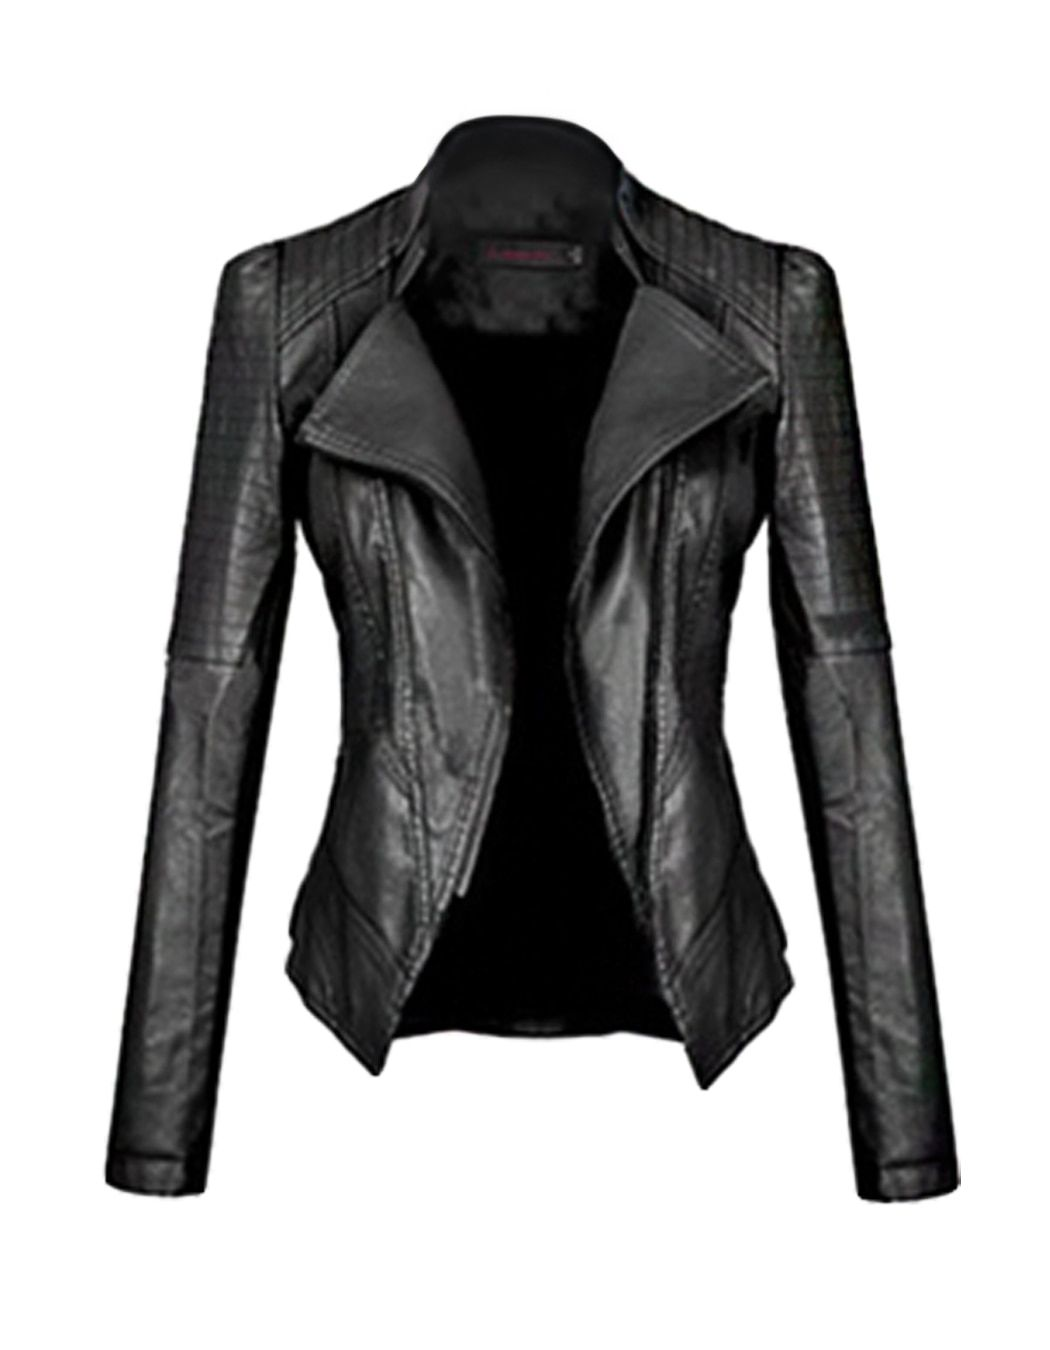 FANALA Faux Leather Jacket Women 2017 Motorcycle Autumn Winter Outerwear Coats Short Zipper Long Sleeve Slim Fitted Jackets